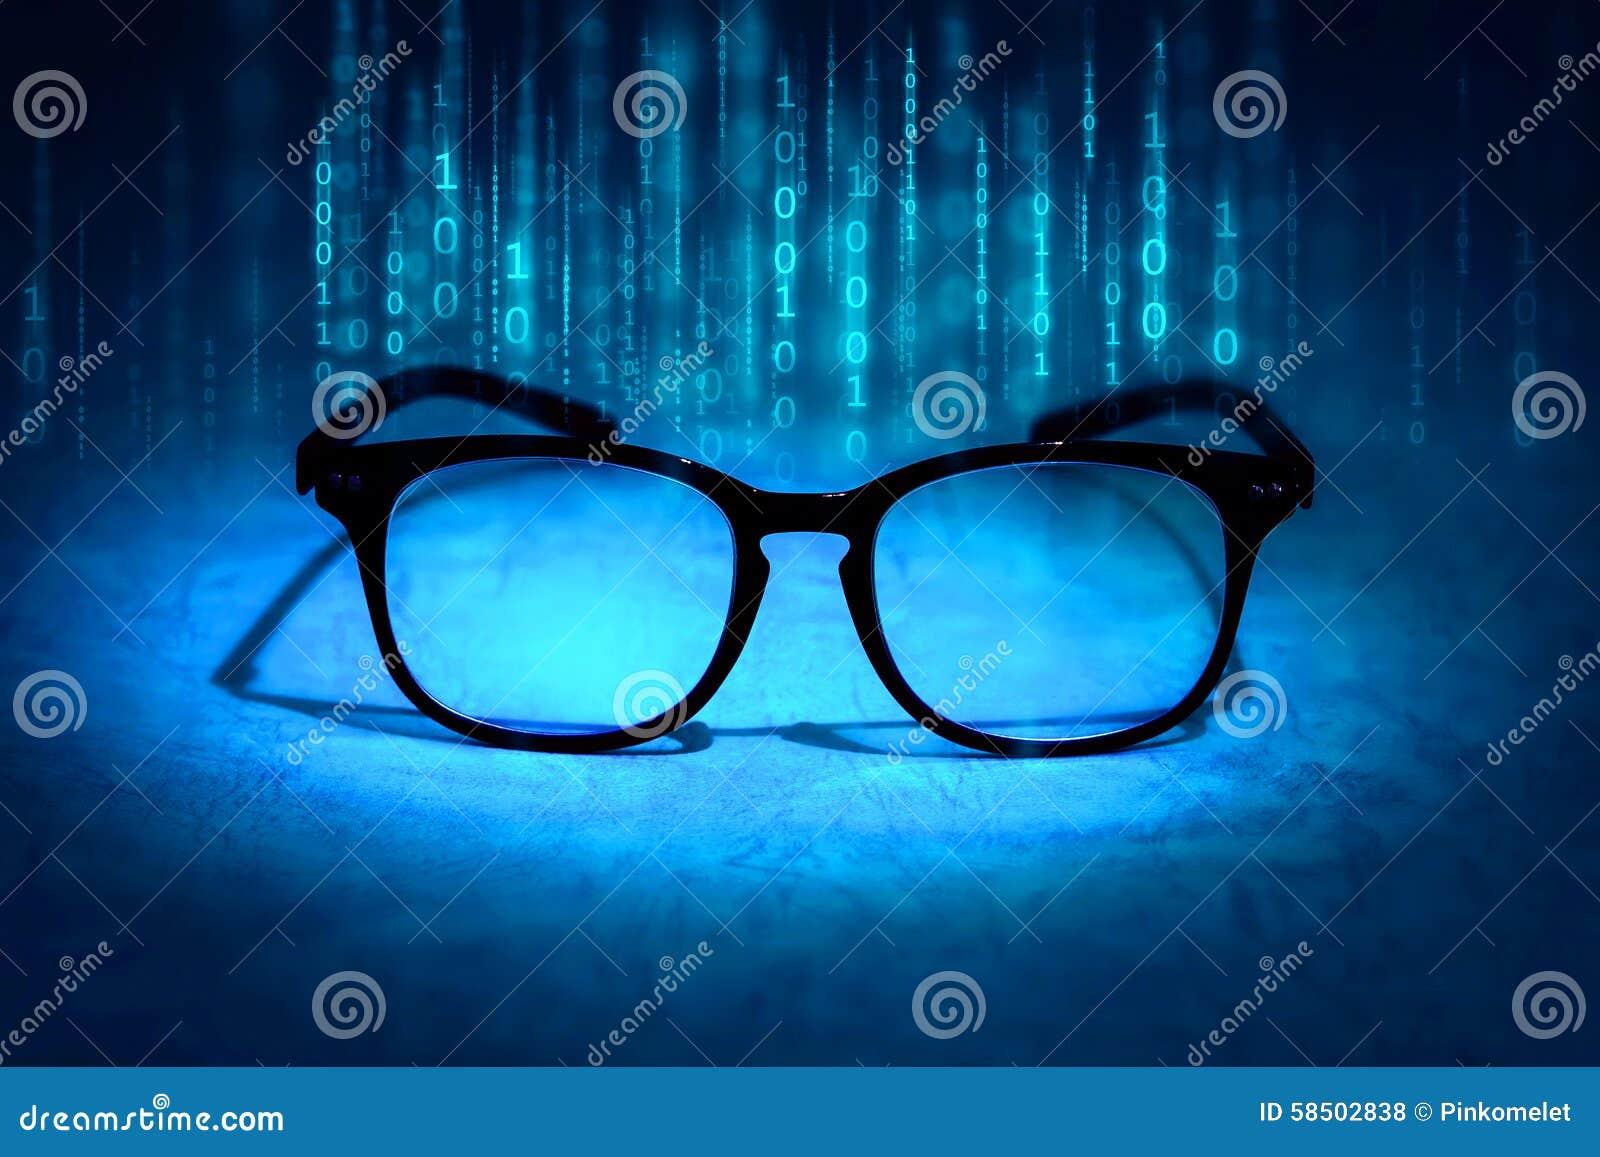 Lesebrillen absorbieren binäre Daten, Konzept des zukünftigen knowl